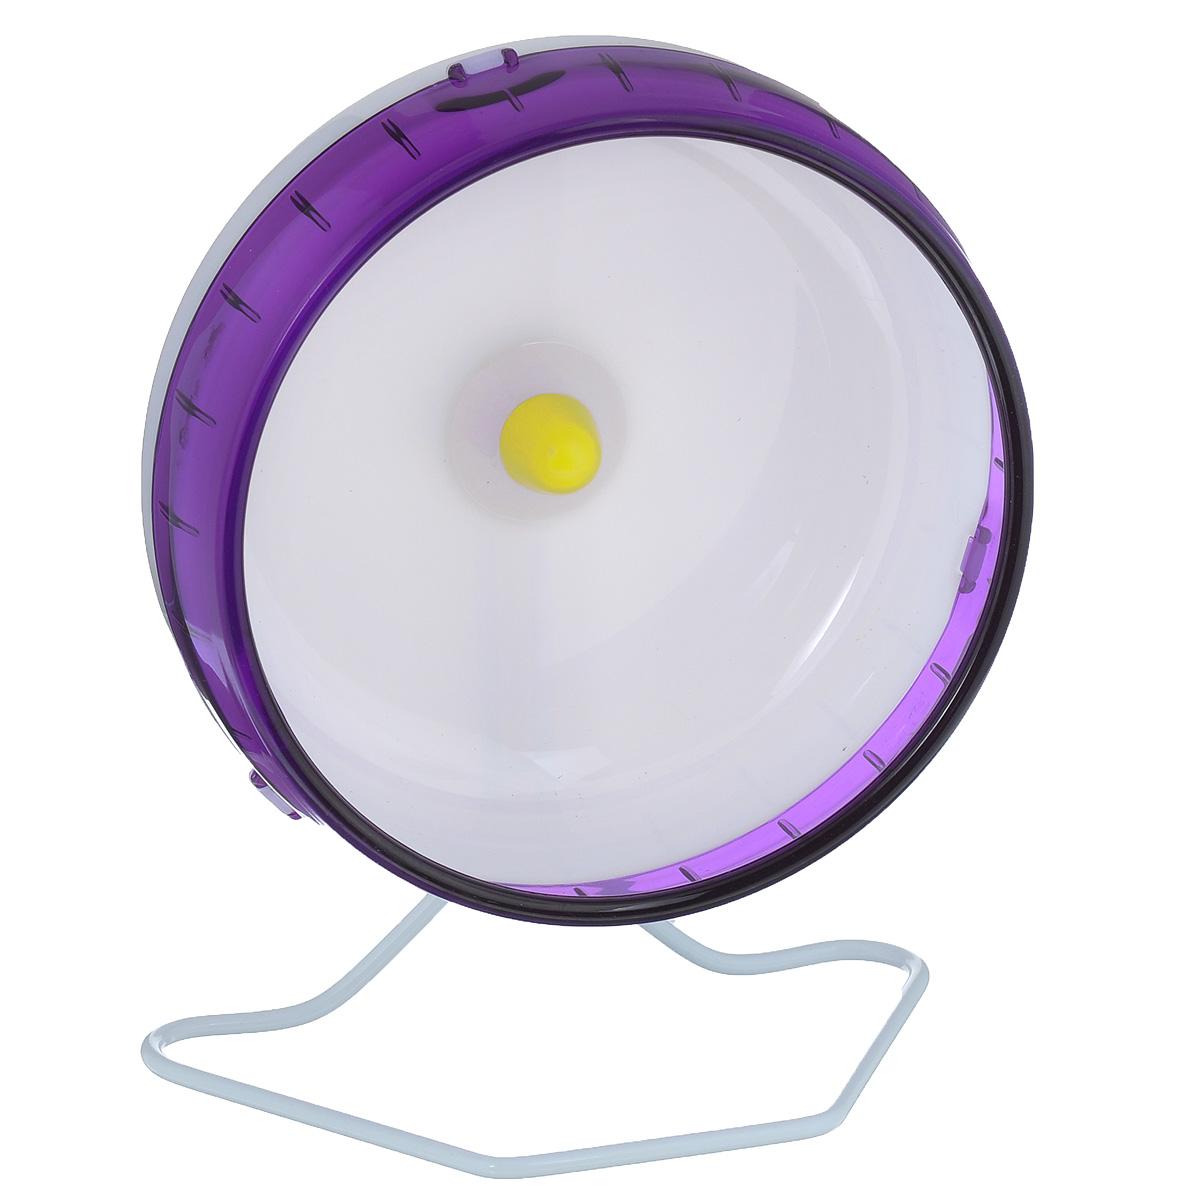 Колесо для грызунов  I.P.T.S. , цвет: белый, фиолетовый, диаметр 16,5 см - Игрушки